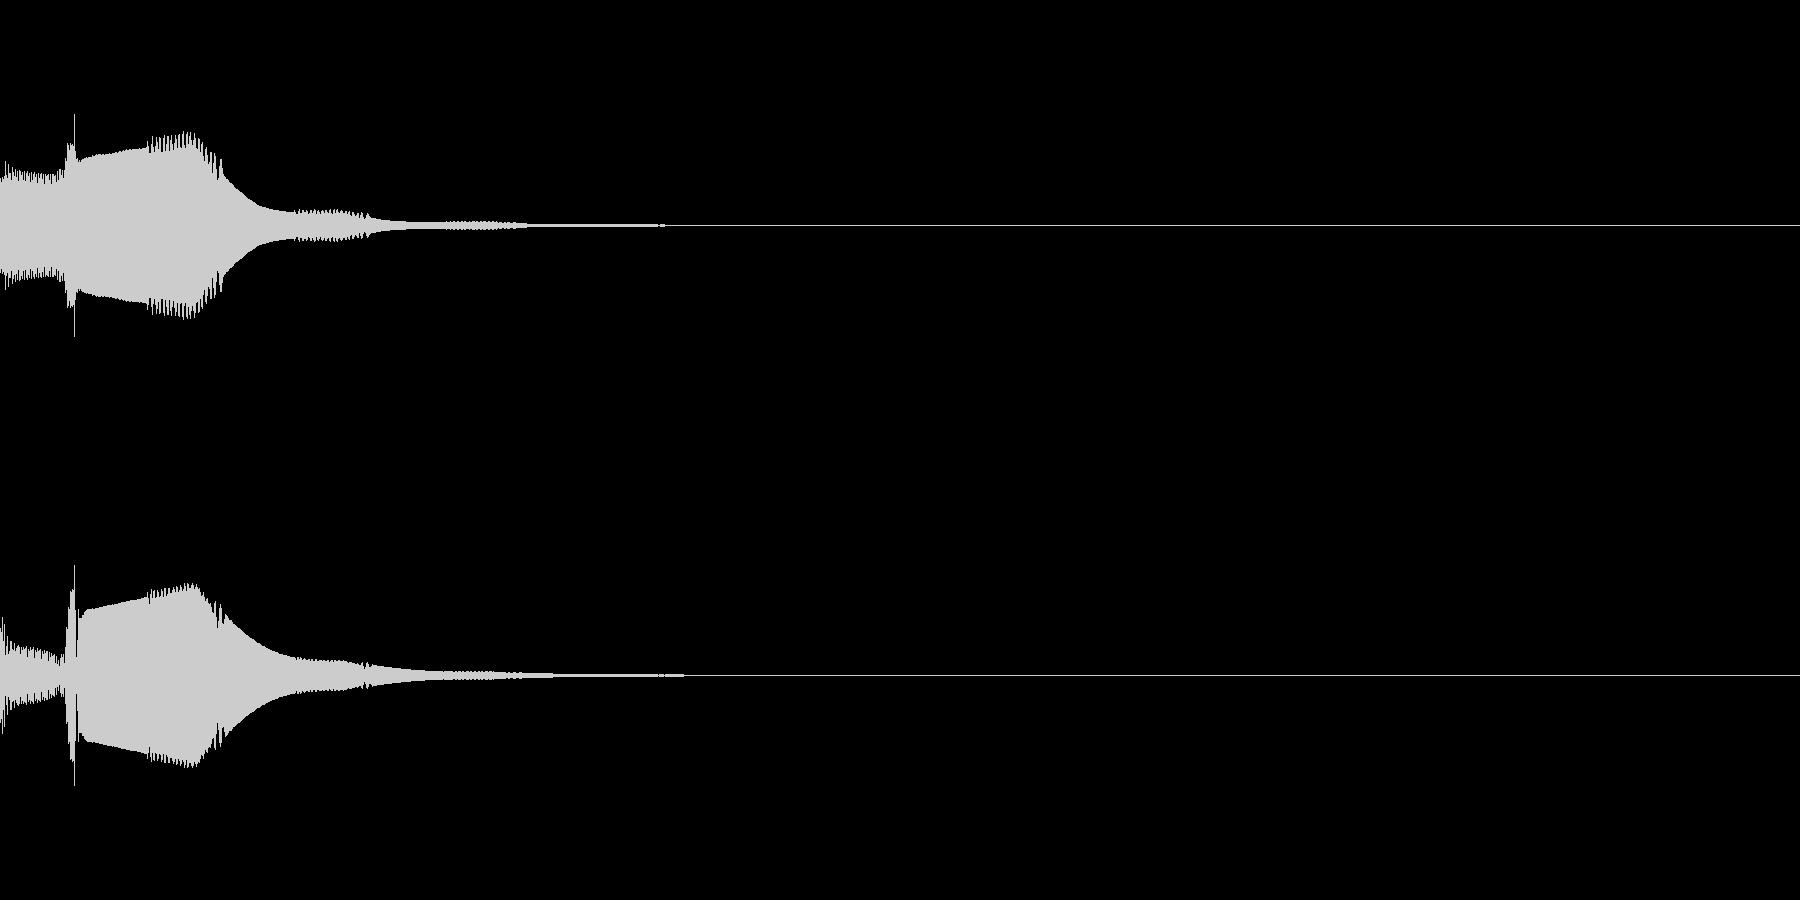 ピコっというシンプルなカーソル音です。の未再生の波形